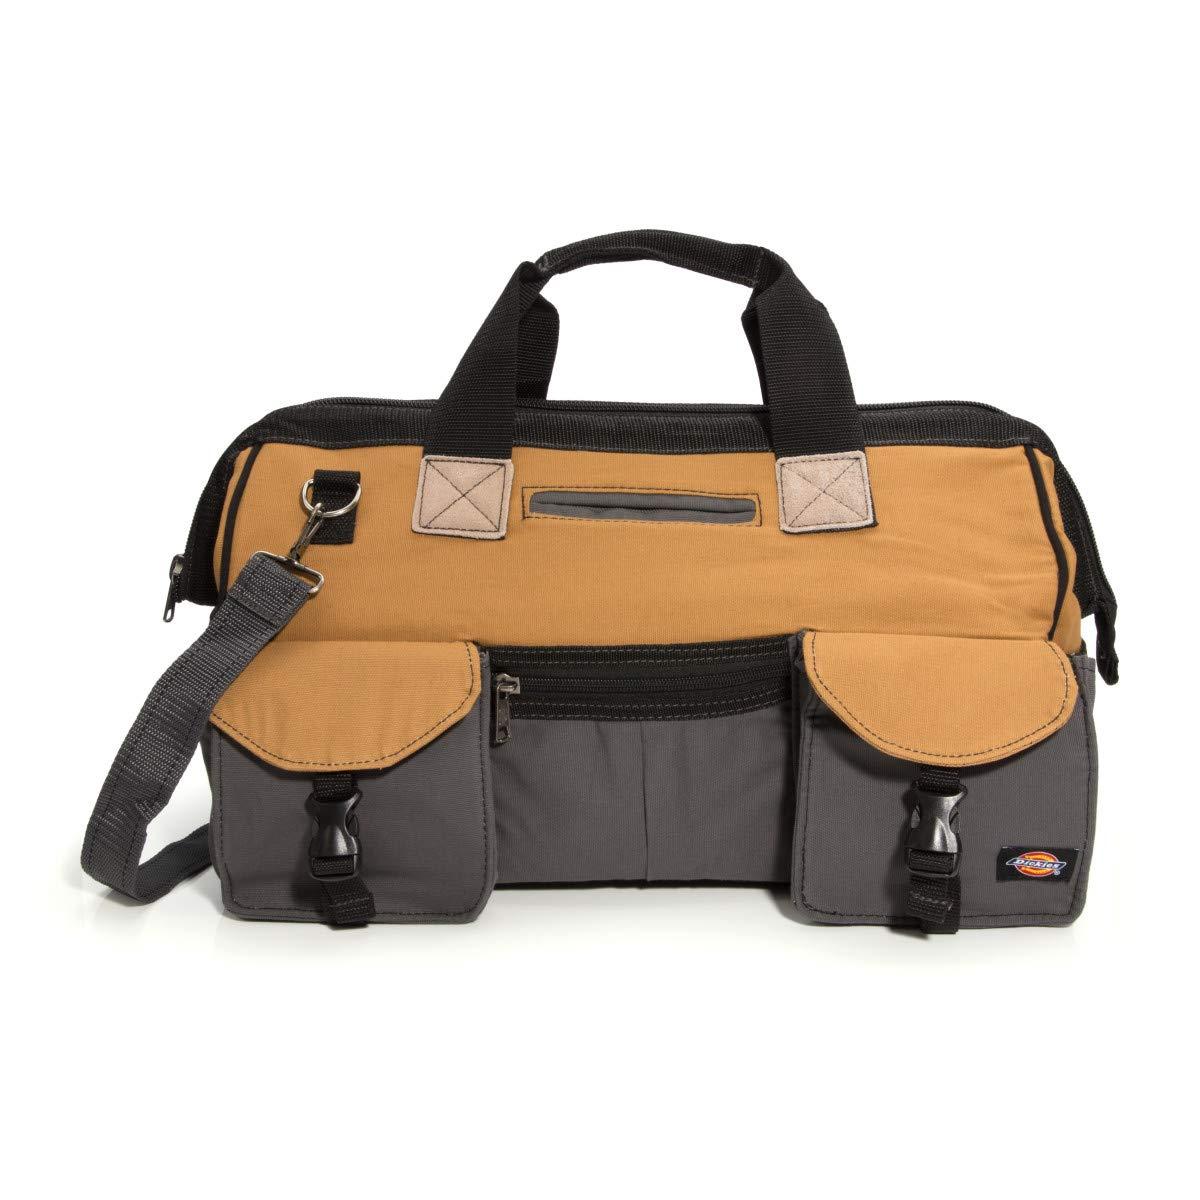 Dickies Work Gear 57032 18-Inch Work Bag by Dickies Work Gear (Image #1)